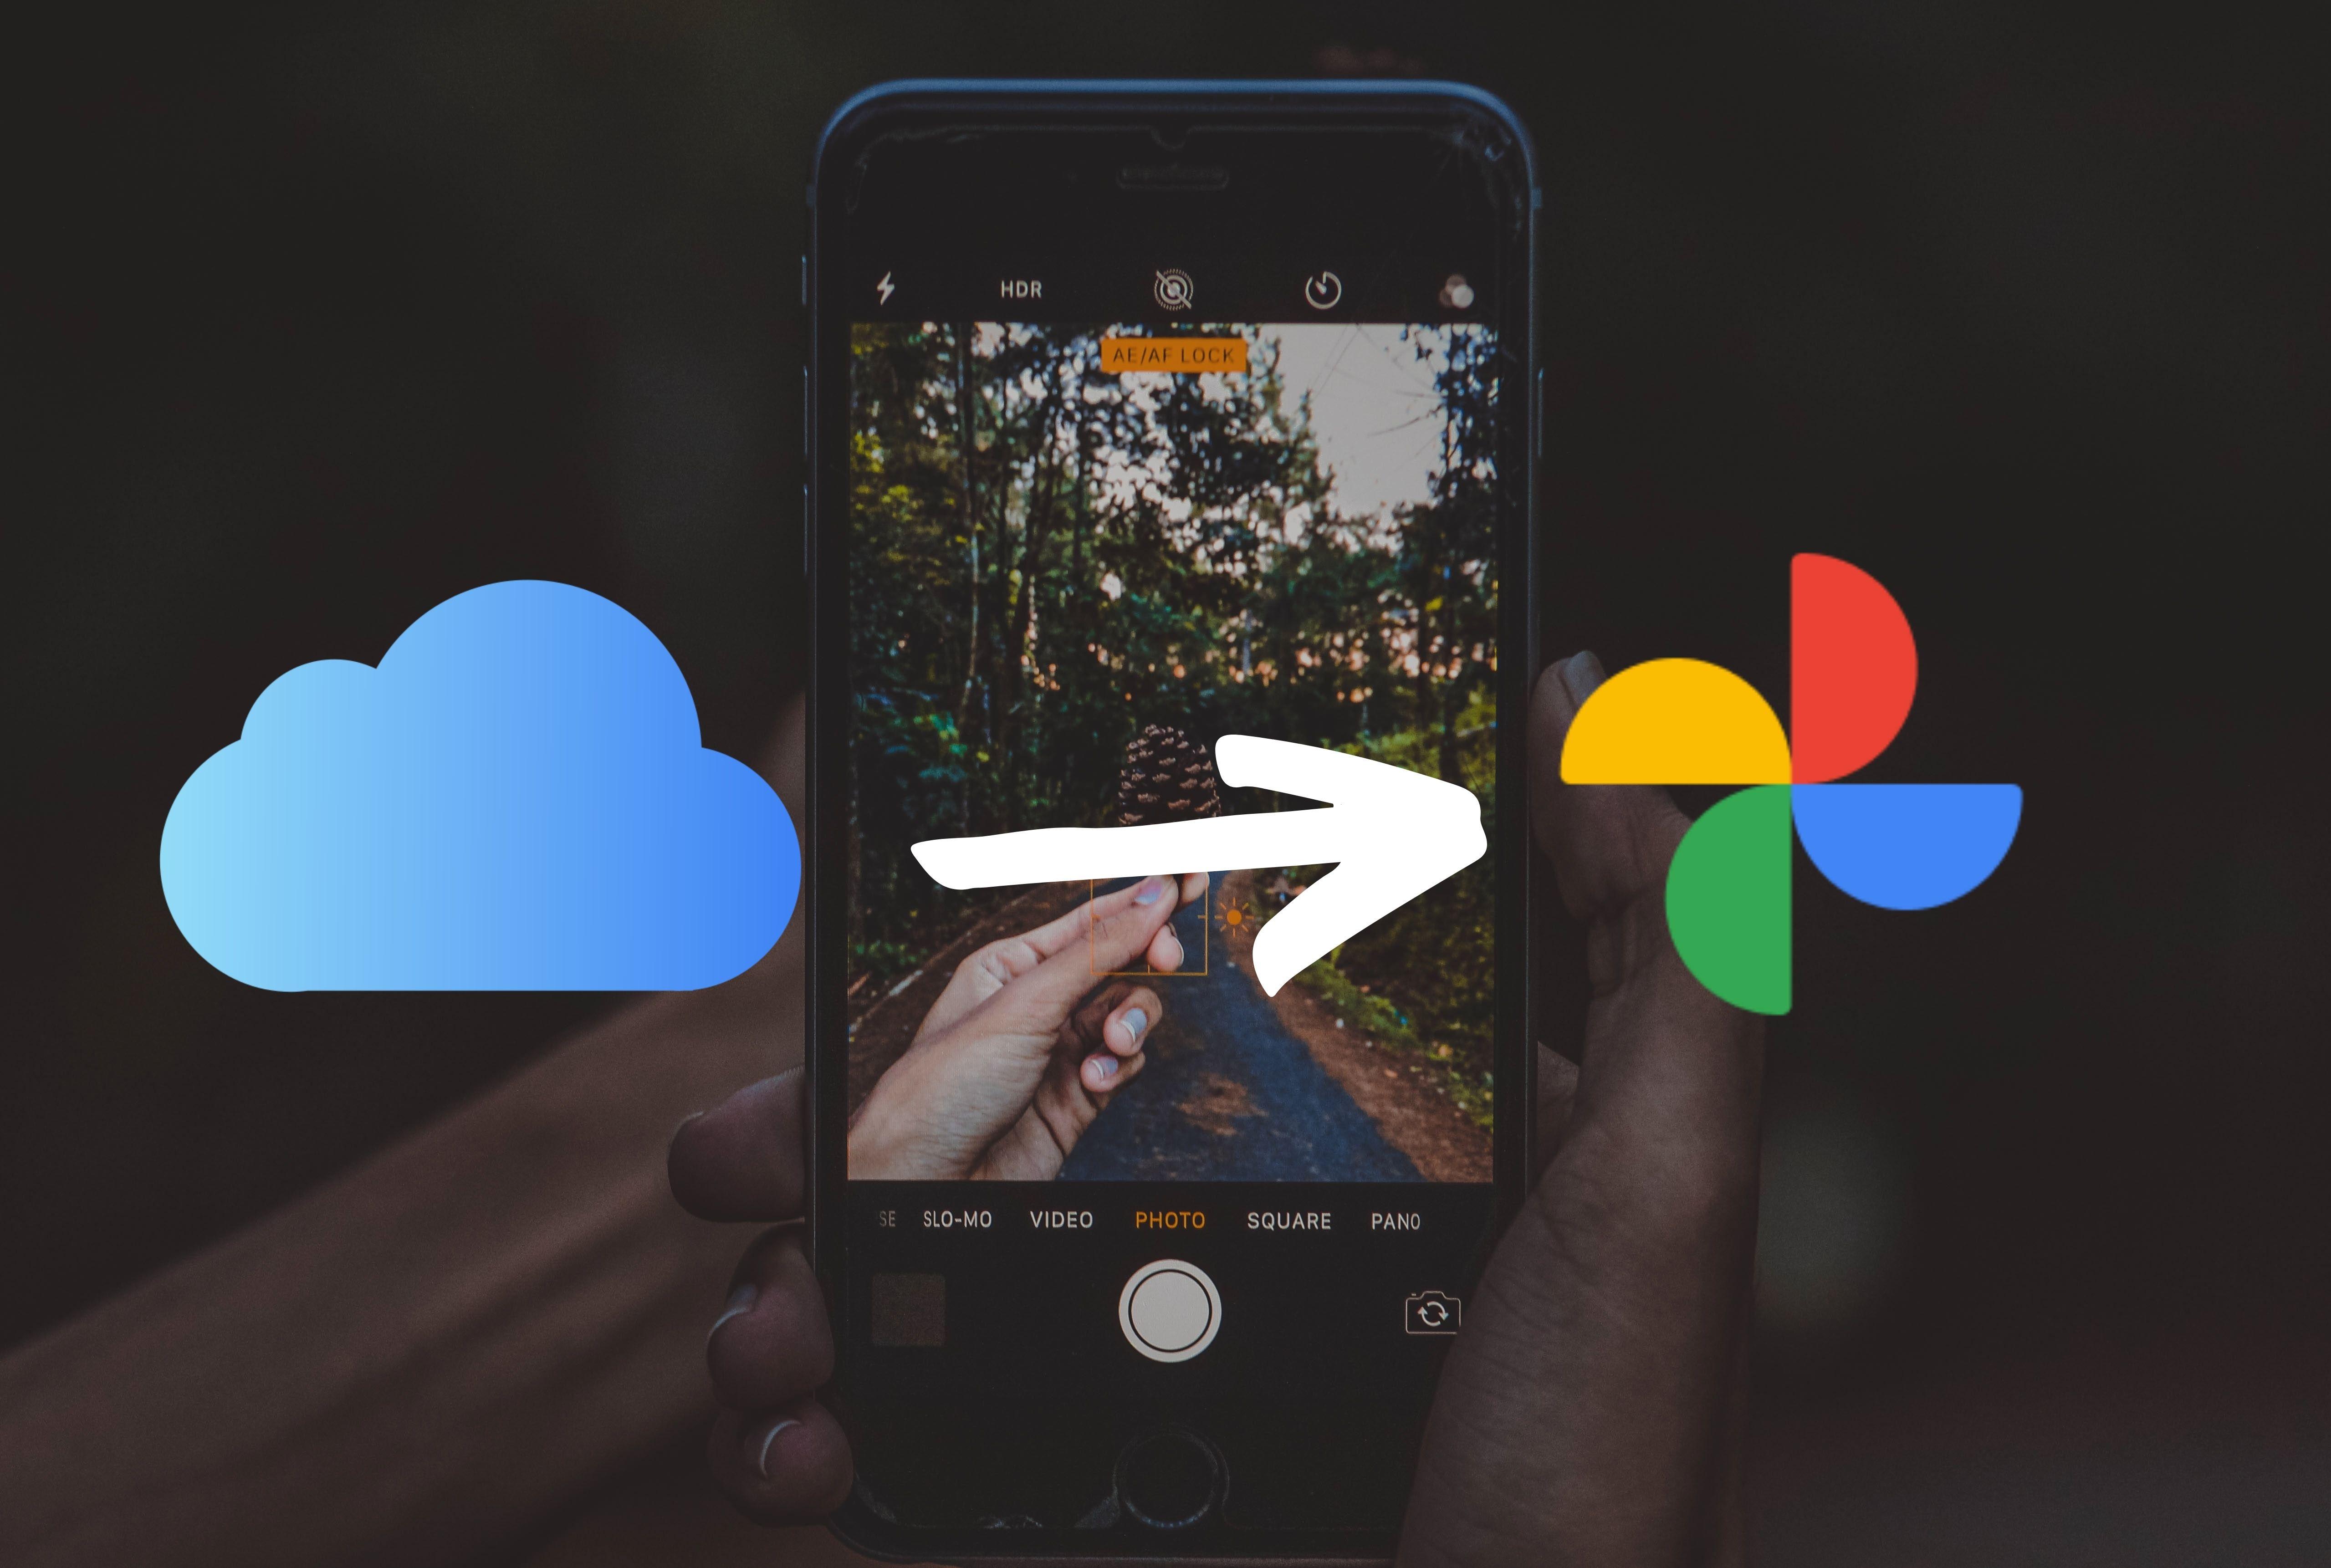 Hogyan lehet fokókat áthelyezni az iCloud Fotók -ról aGoogle Fotók -ba